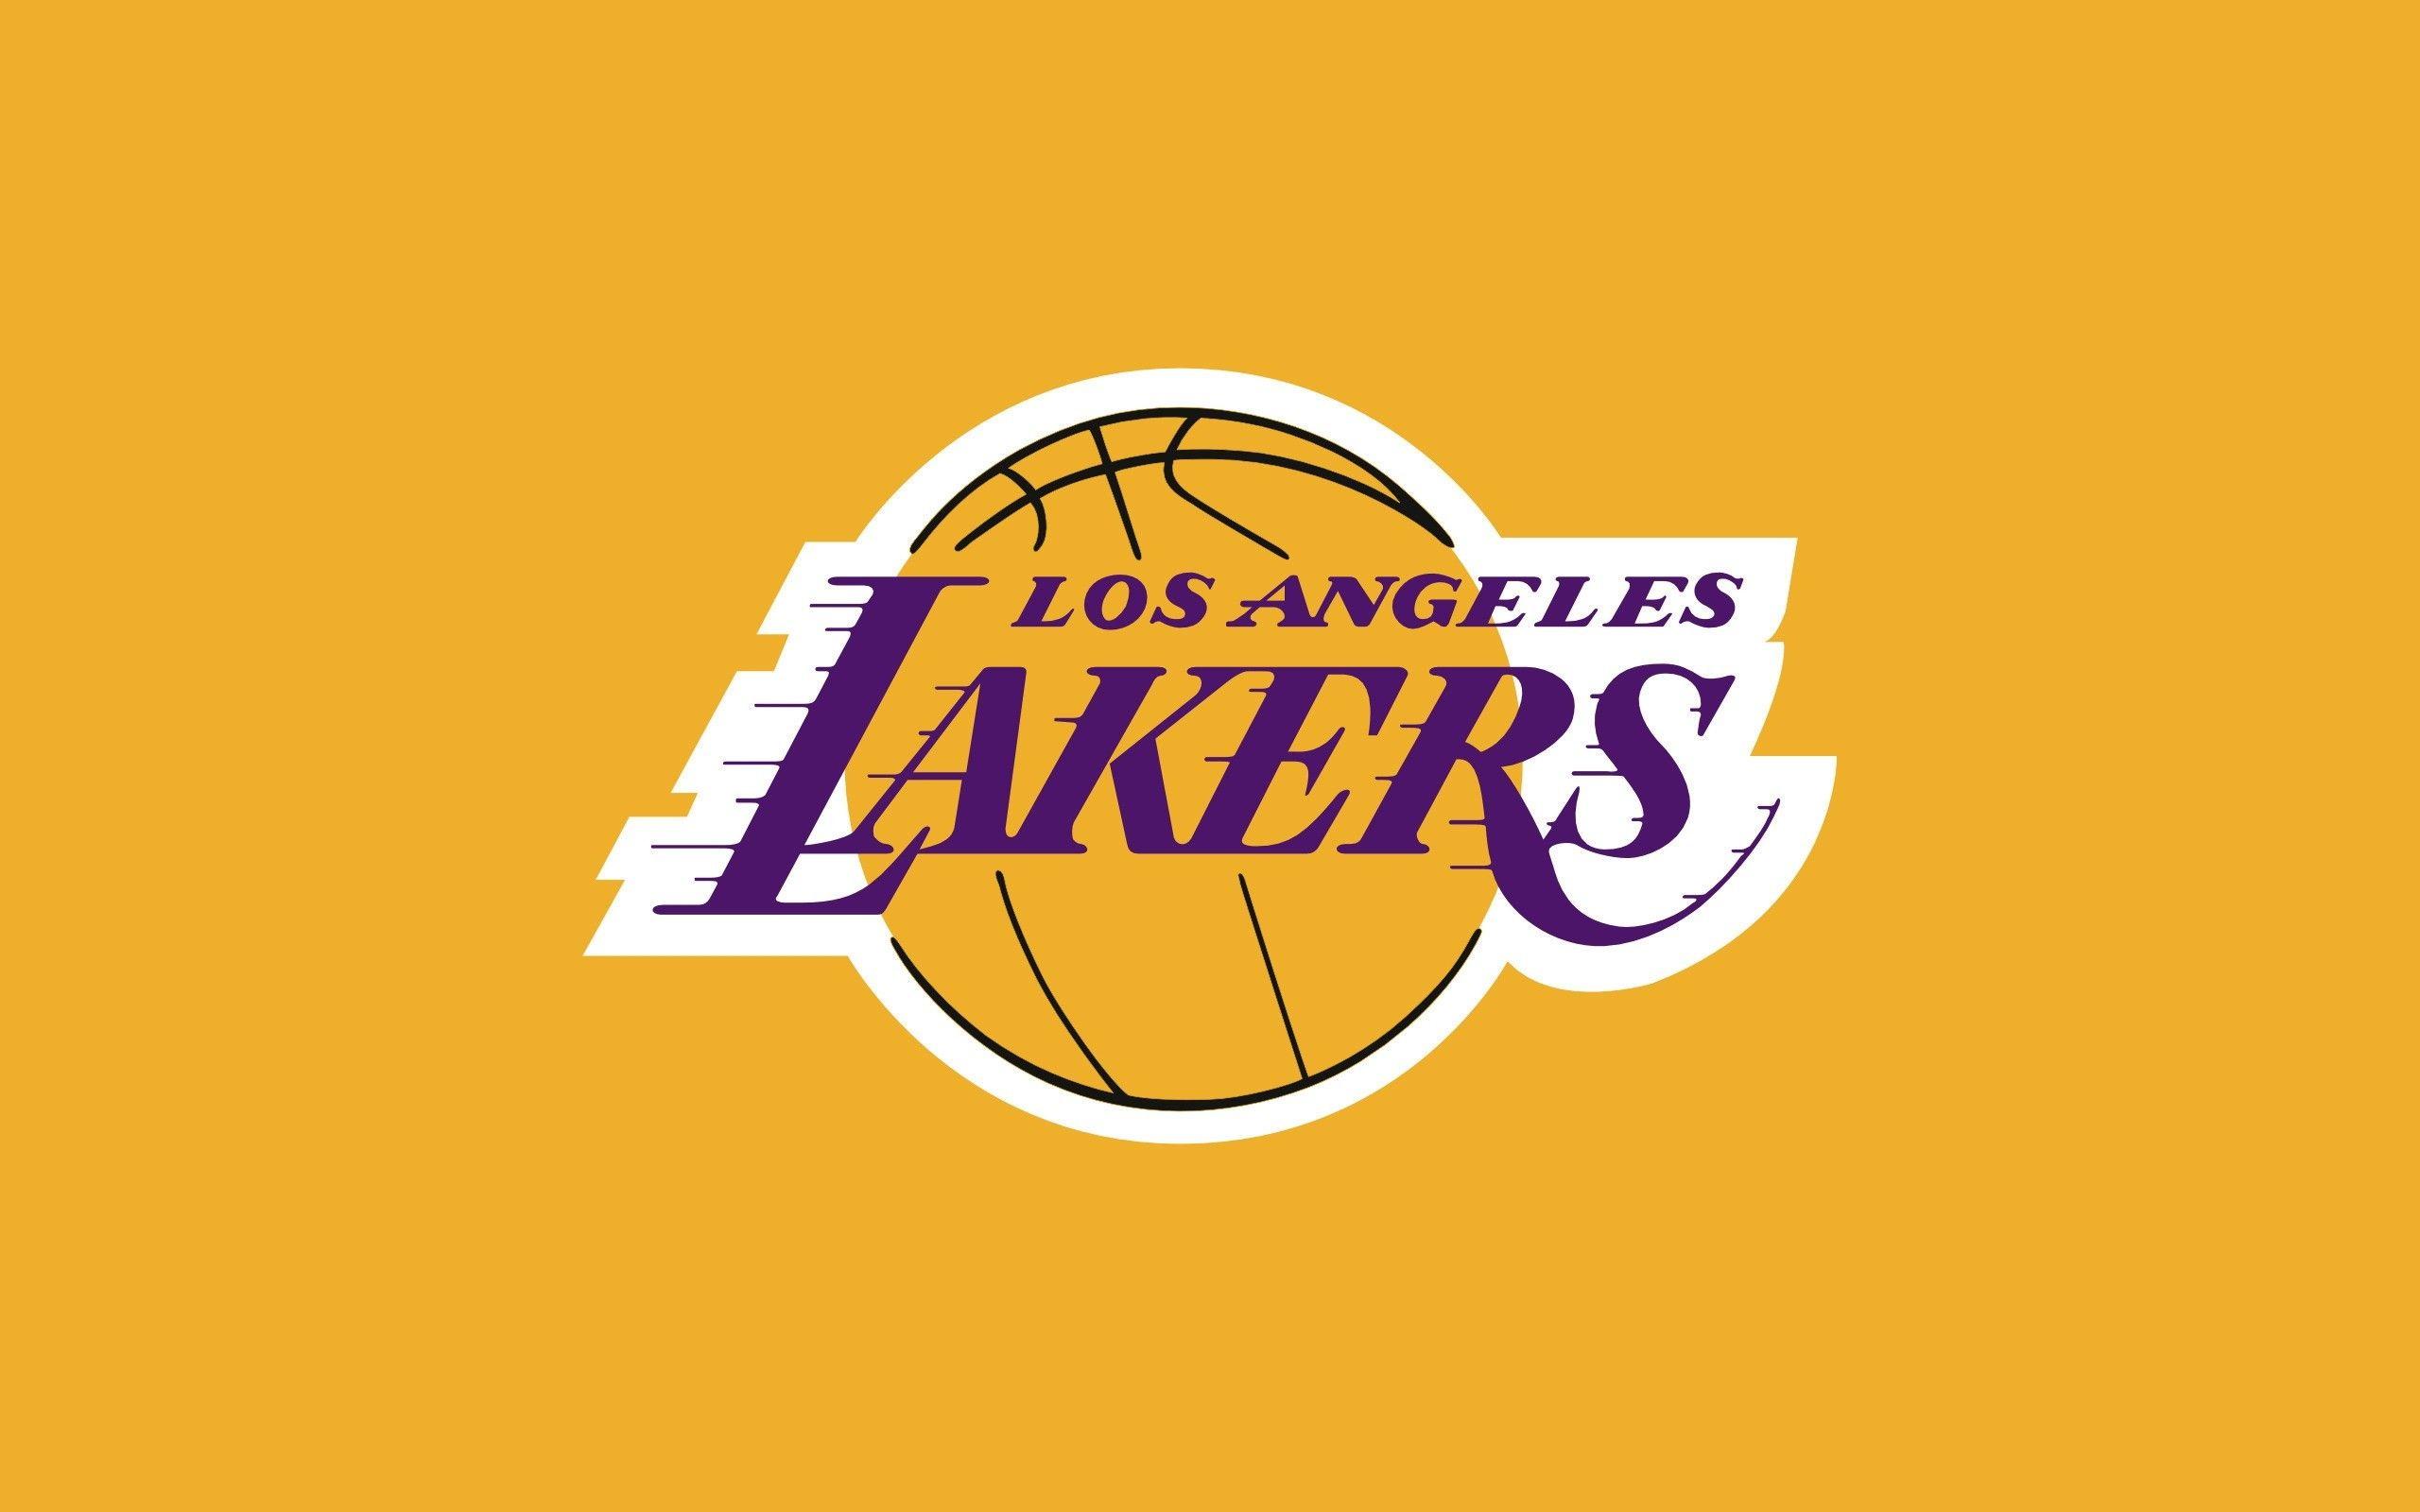 Il logo dei Lakers